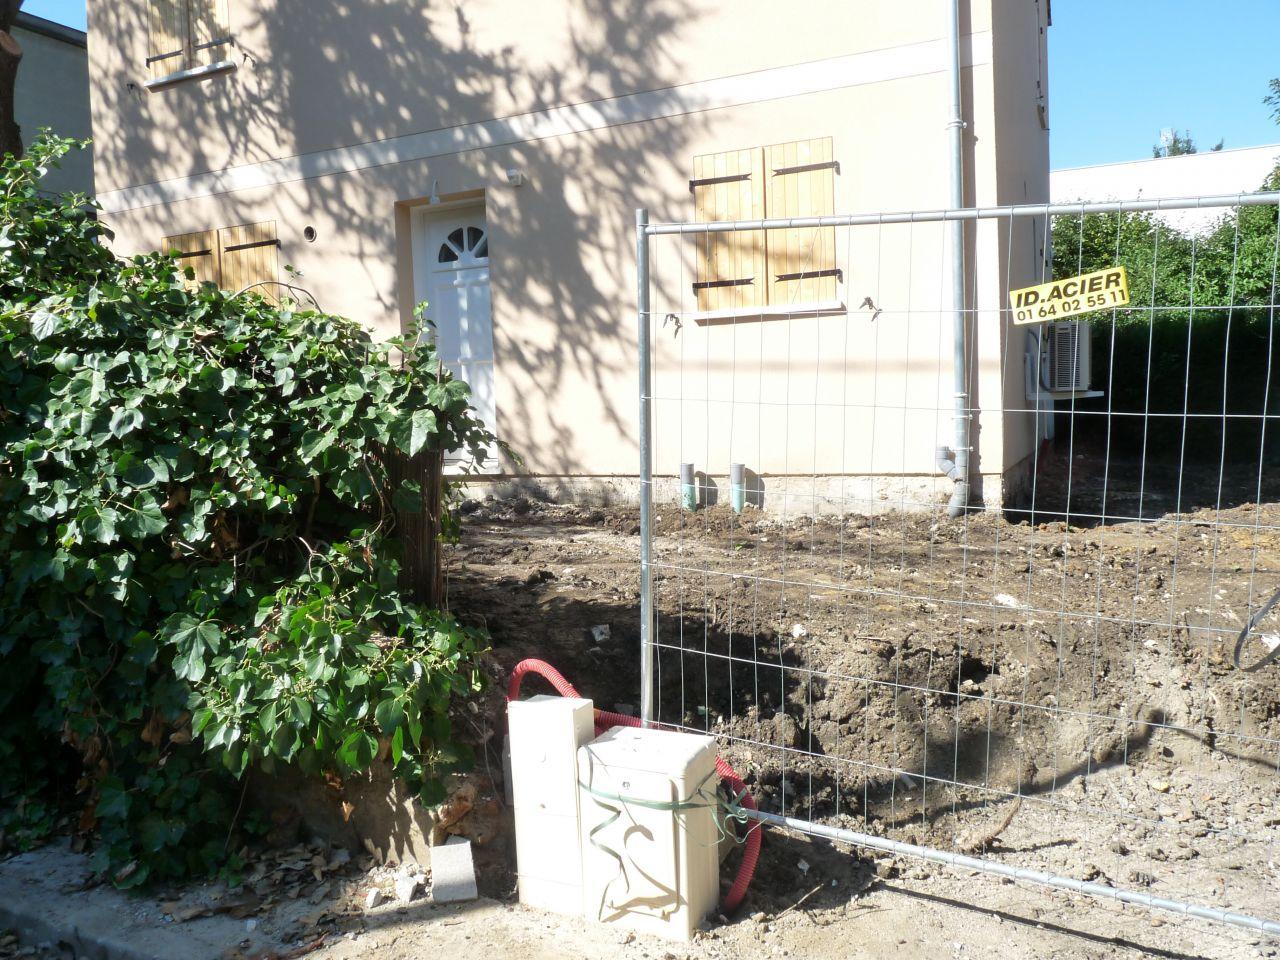 décharge évacuée : le terrassier est venu nettoyer le terrain, enlever les montagnes de terre souillées de déchets et remettre à niveau (en fonction du permis de construire). <br /> <a href=